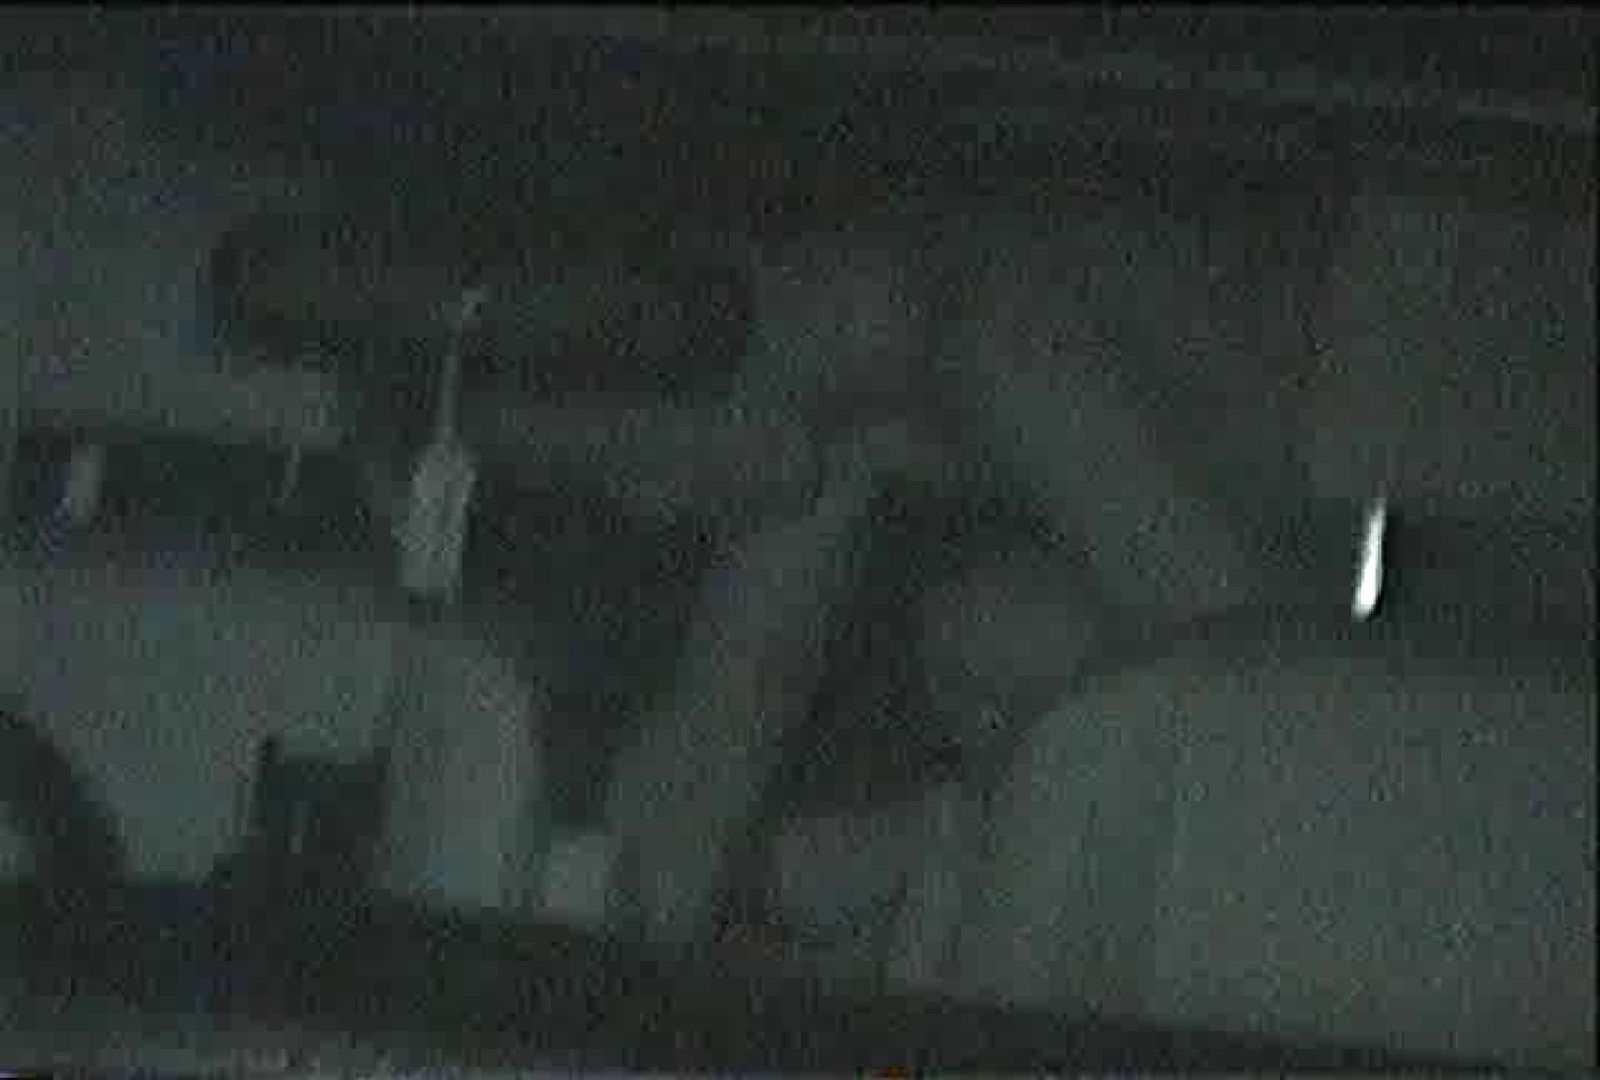 充血監督の深夜の運動会Vol.80 エロティックなOL おめこ無修正画像 85画像 80